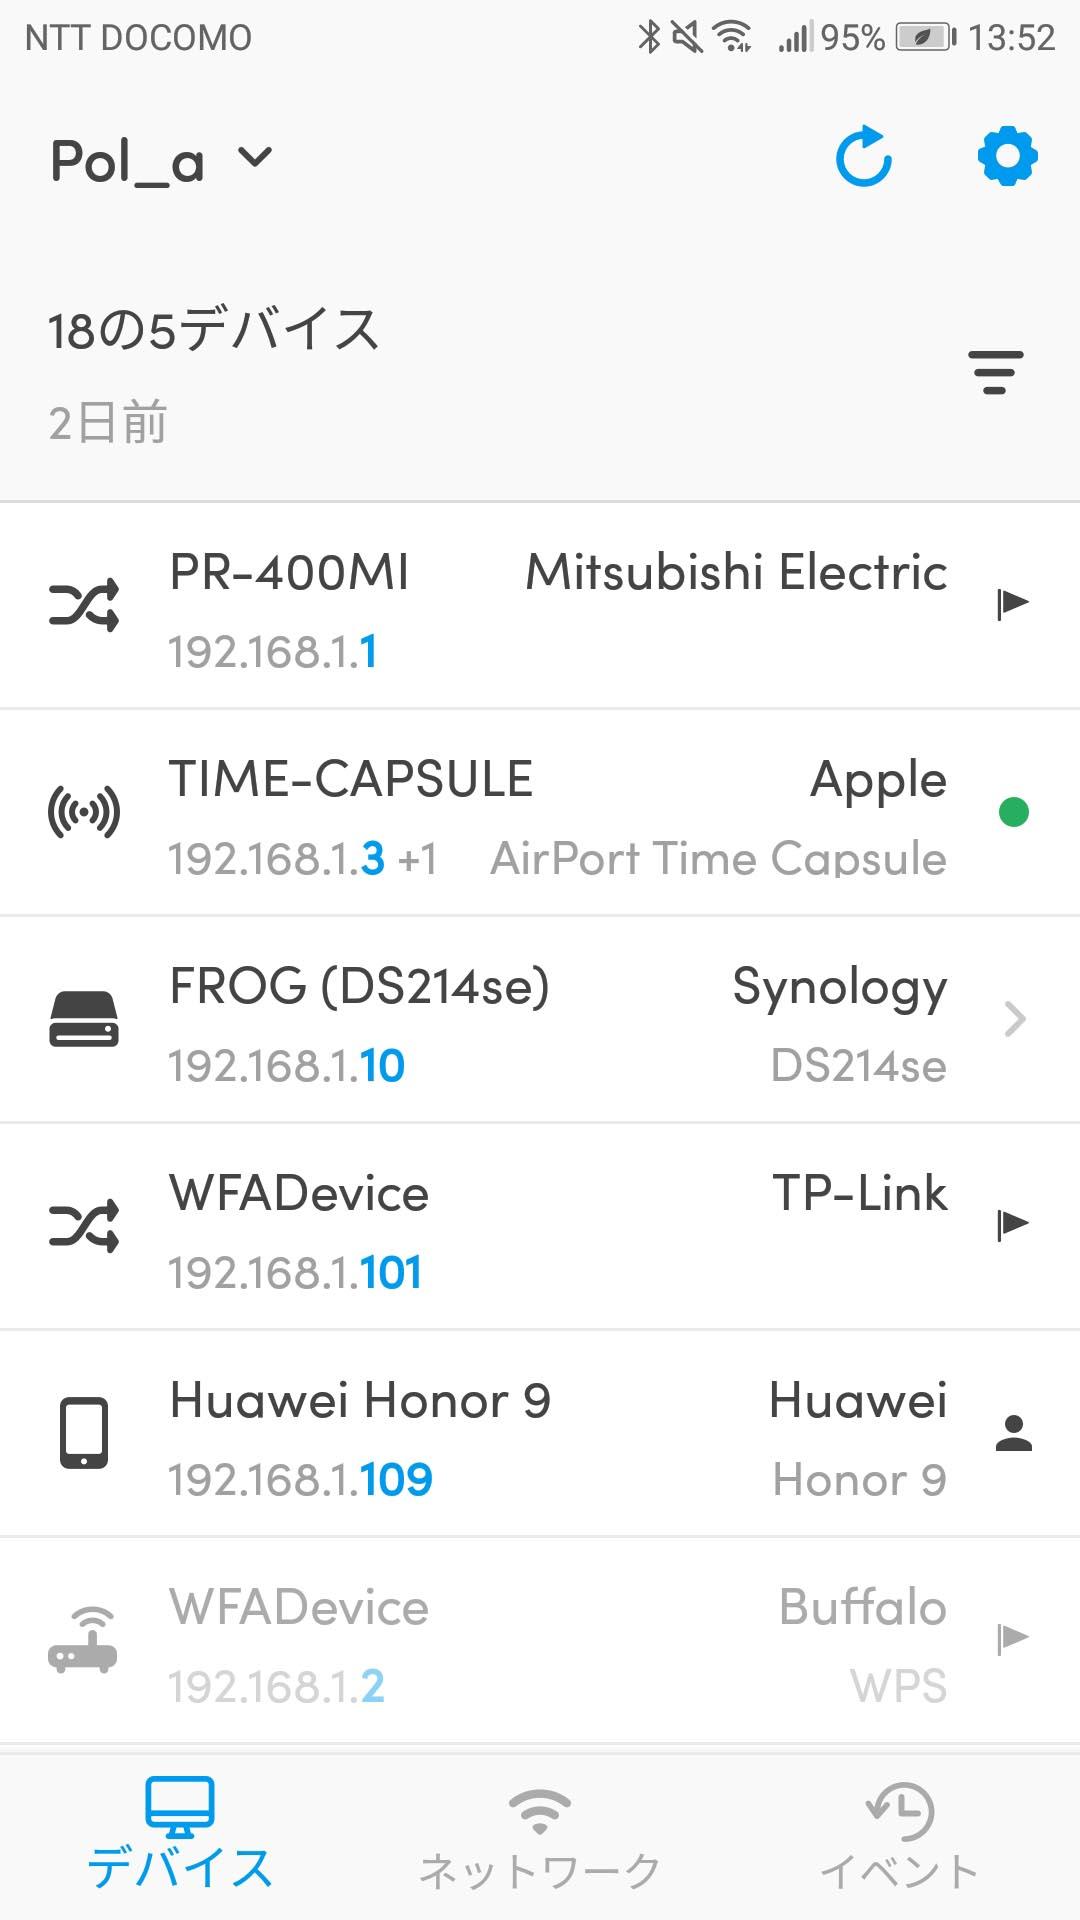 Fingの[デバイス]タブには、ネットワーク内の機器がリストアップされる。なお、新規にスキャンしなければ、過去にスキャンした結果が表示される。ここで薄く表示された機器は、未接続の可能性が高い